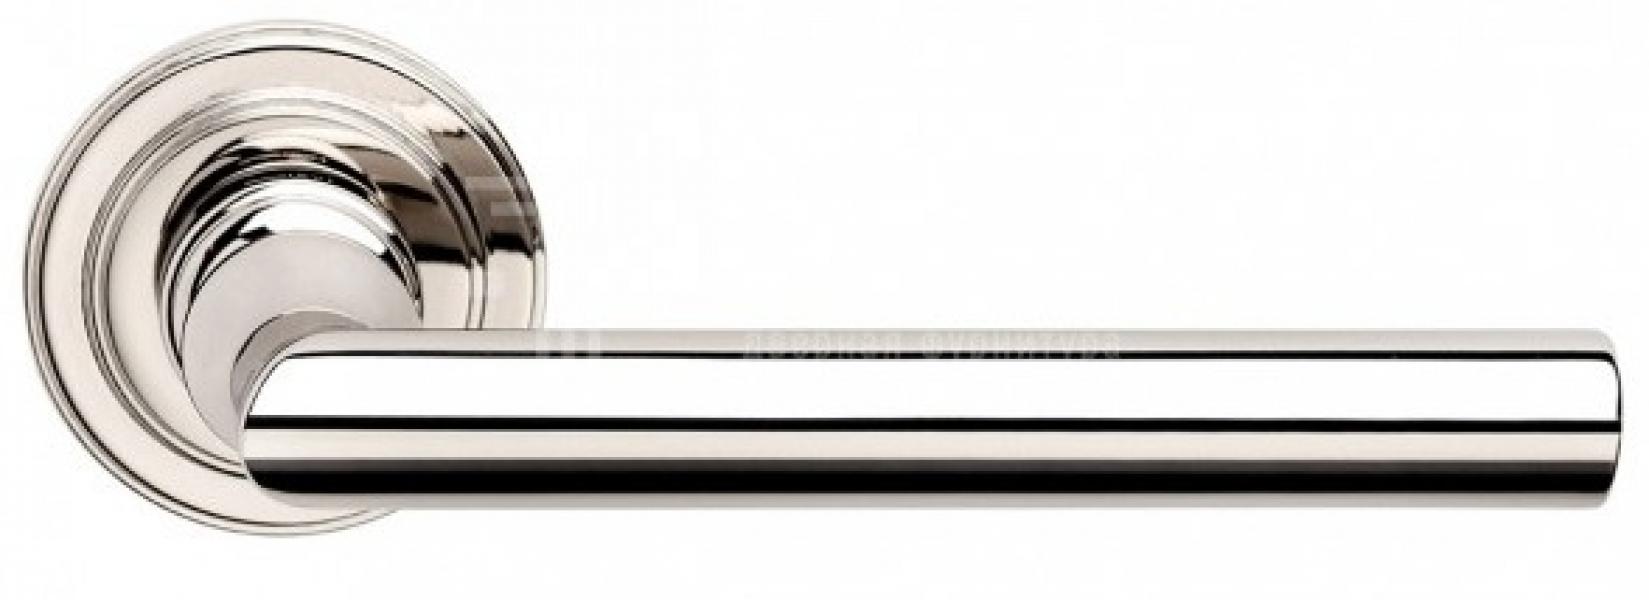 Ручка дверная Isabella полированный никель